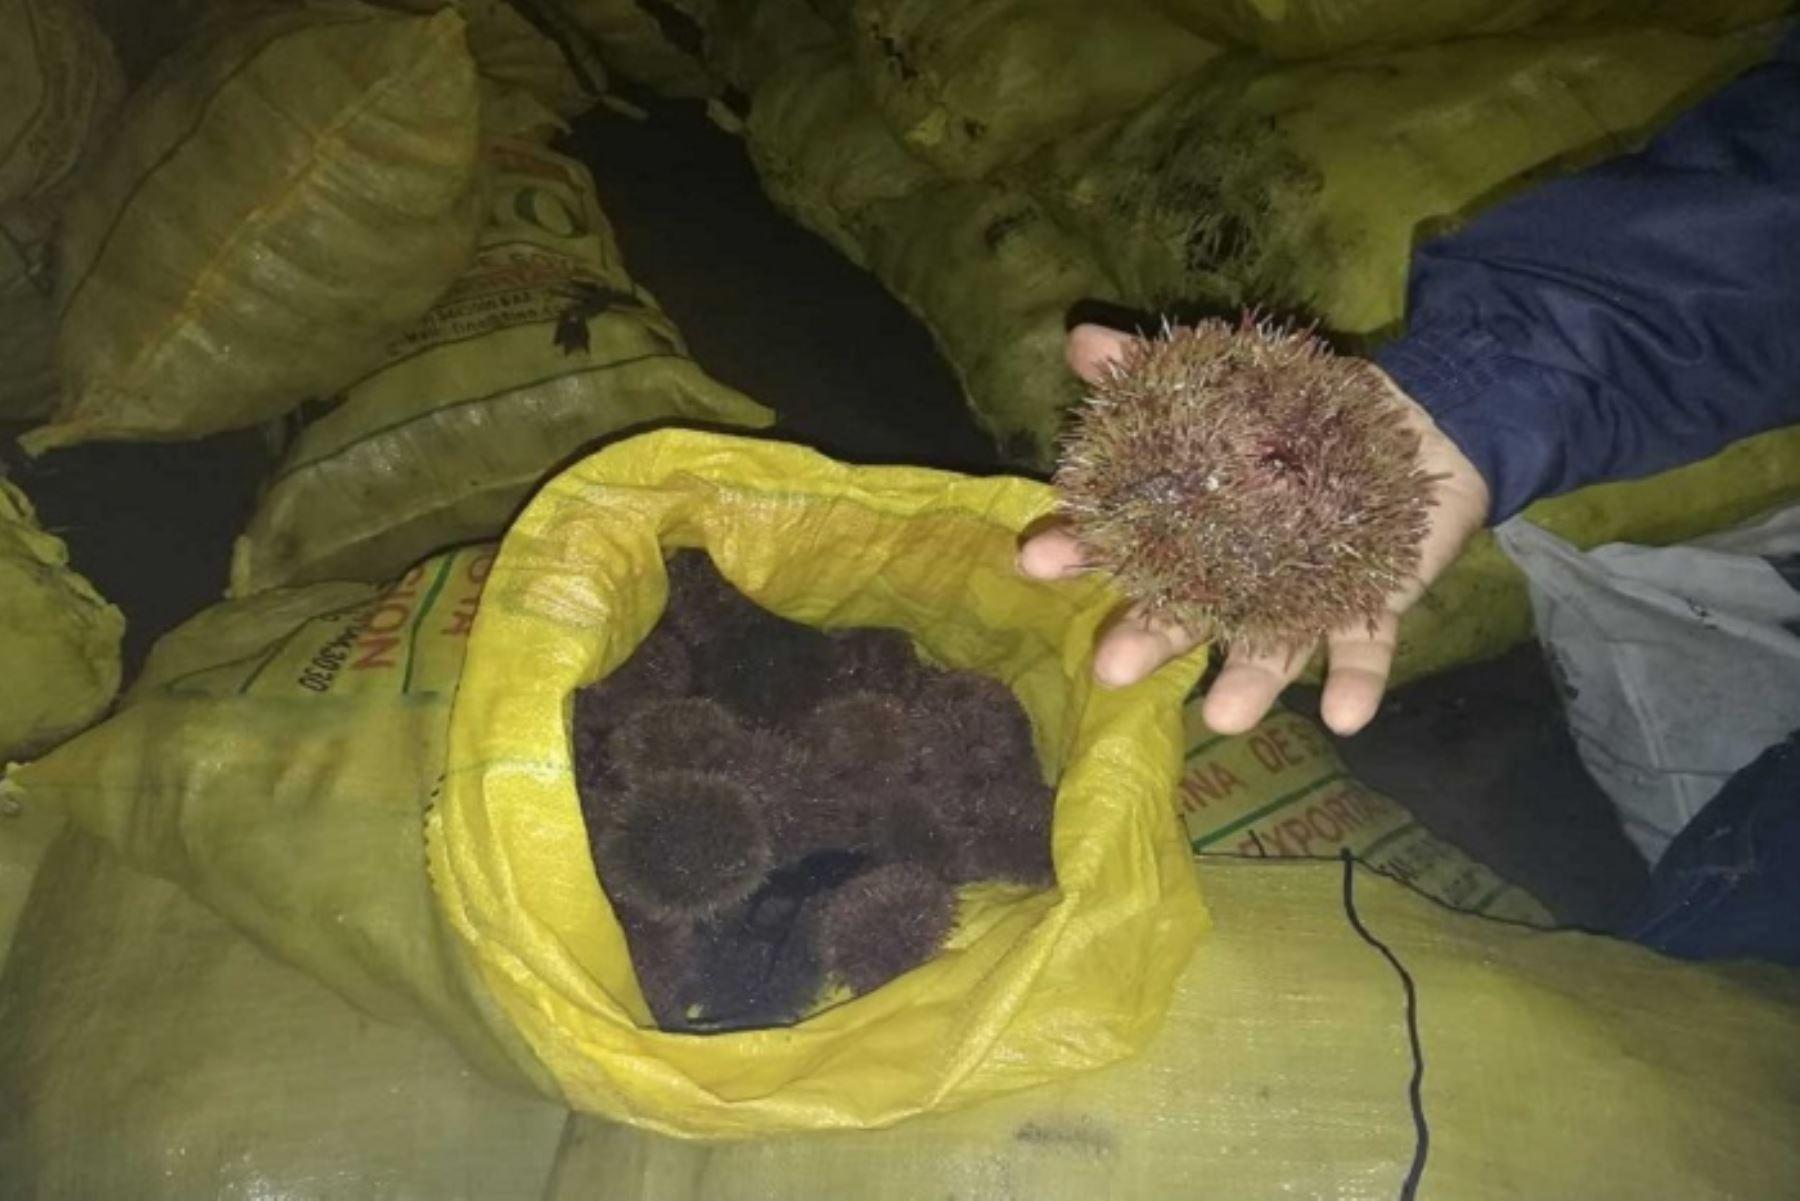 Sanipes decomisa en Ilo 2,400 kilos de erizo de procedencia desconocida